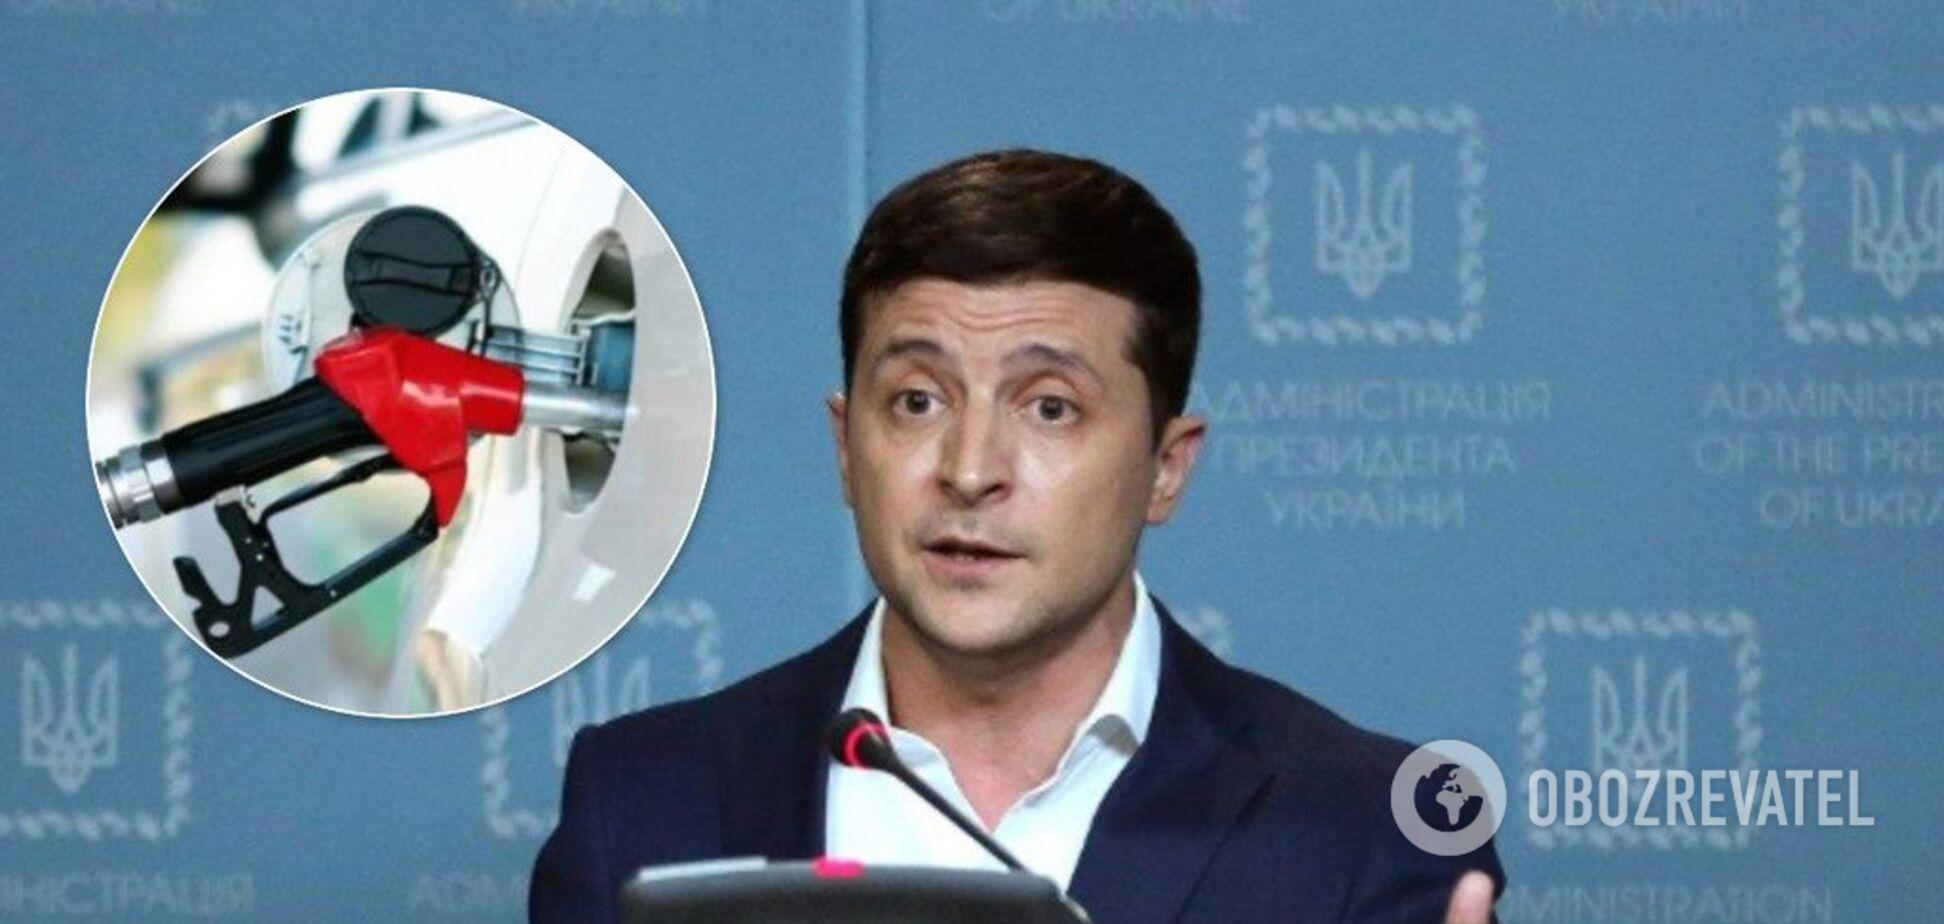 Зеленский обратился к АЗС из-за дорогого бензина